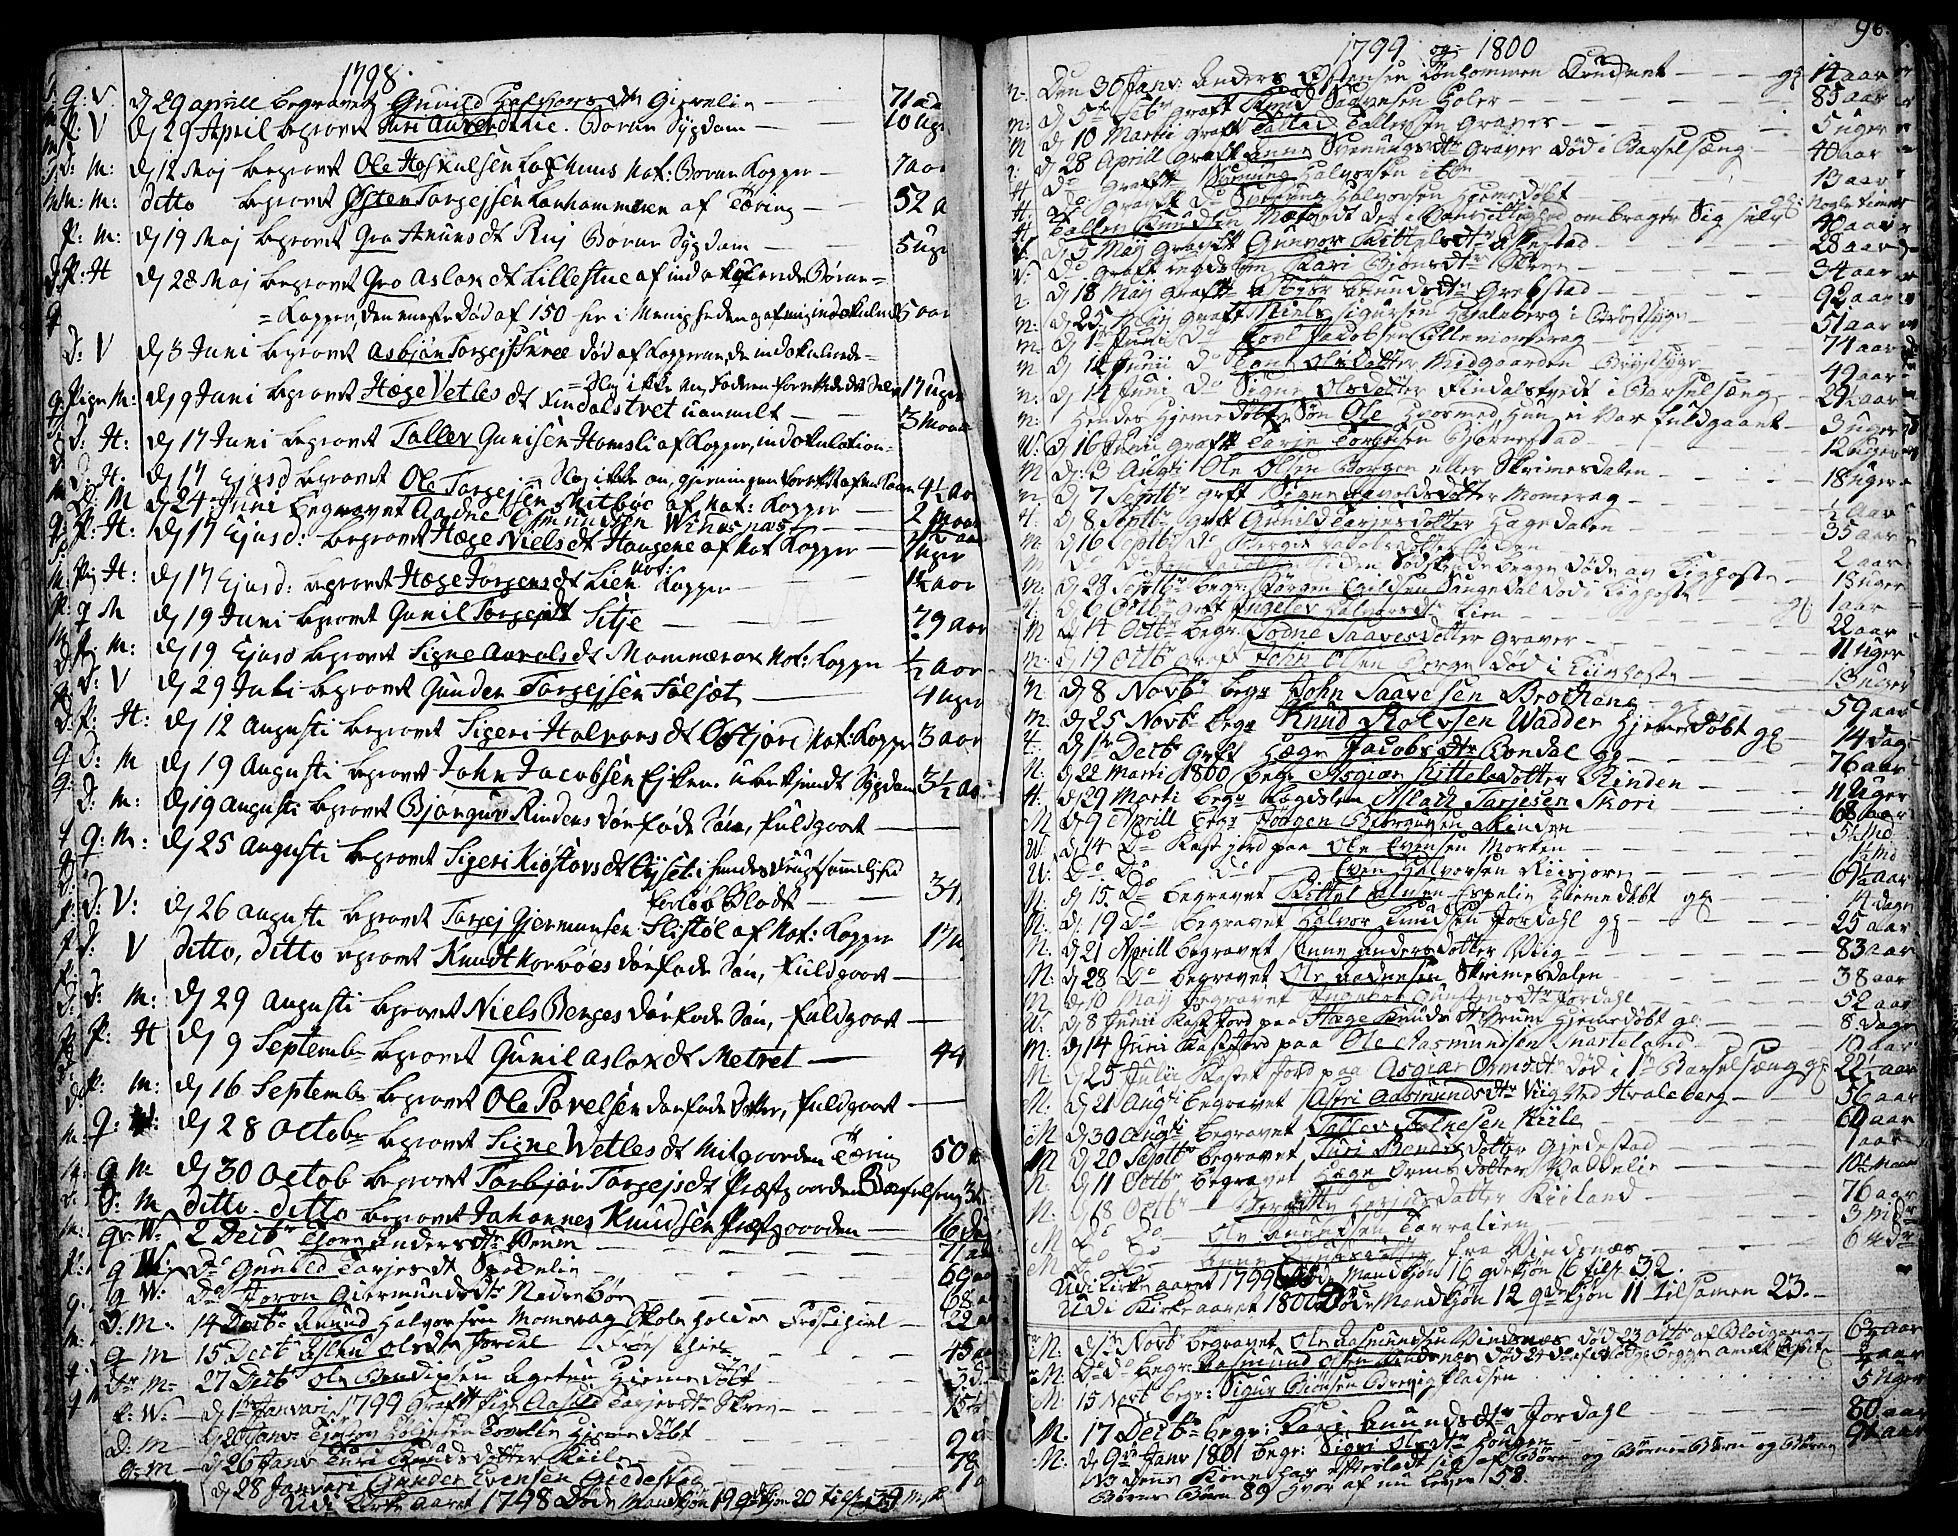 SAKO, Fyresdal kirkebøker, F/Fa/L0002: Ministerialbok nr. I 2, 1769-1814, s. 96